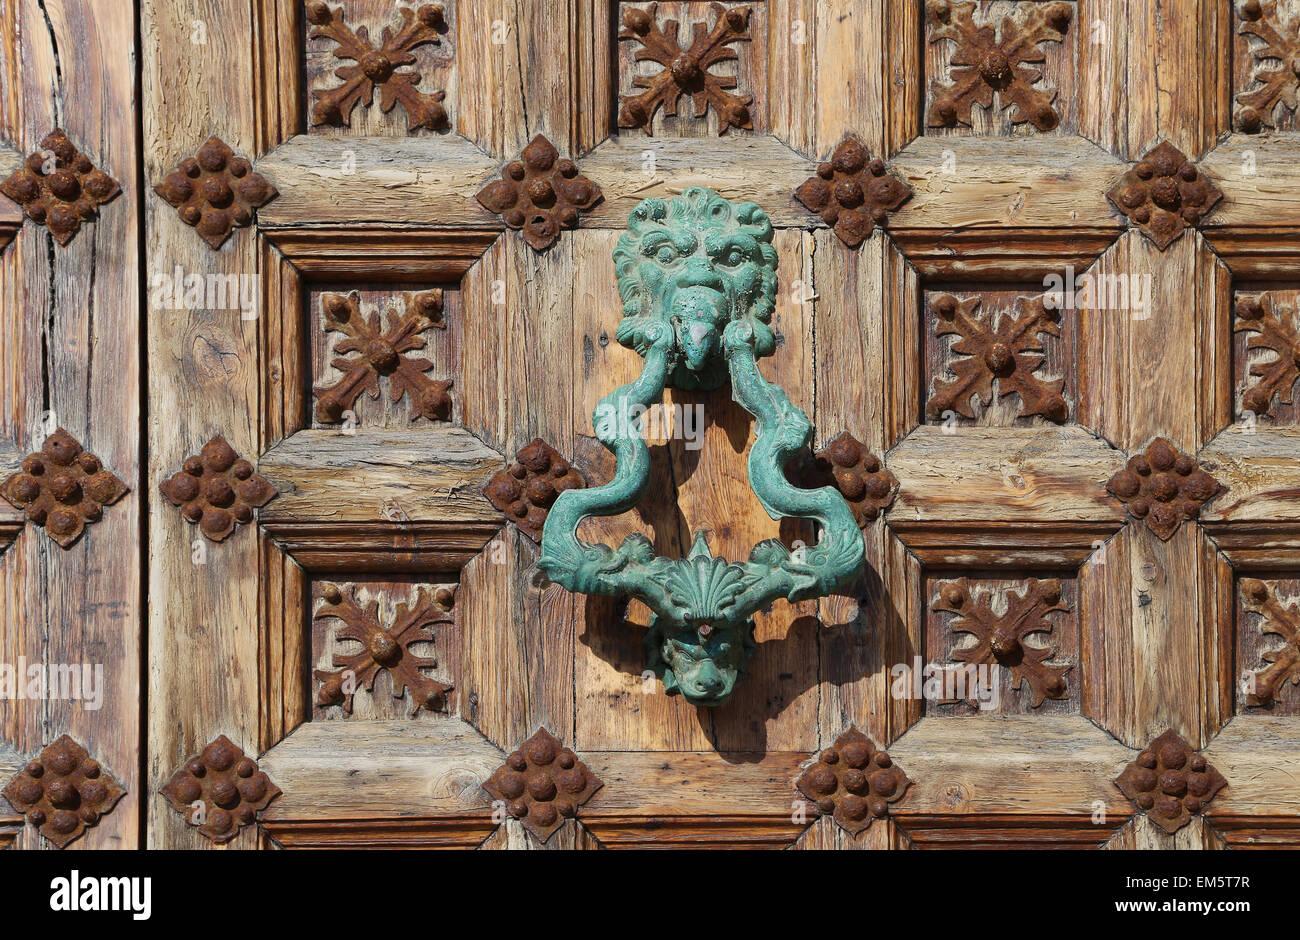 España. Cataluña. Sitges, frente al puerto, las empuñaduras de las puertas. Imagen De Stock